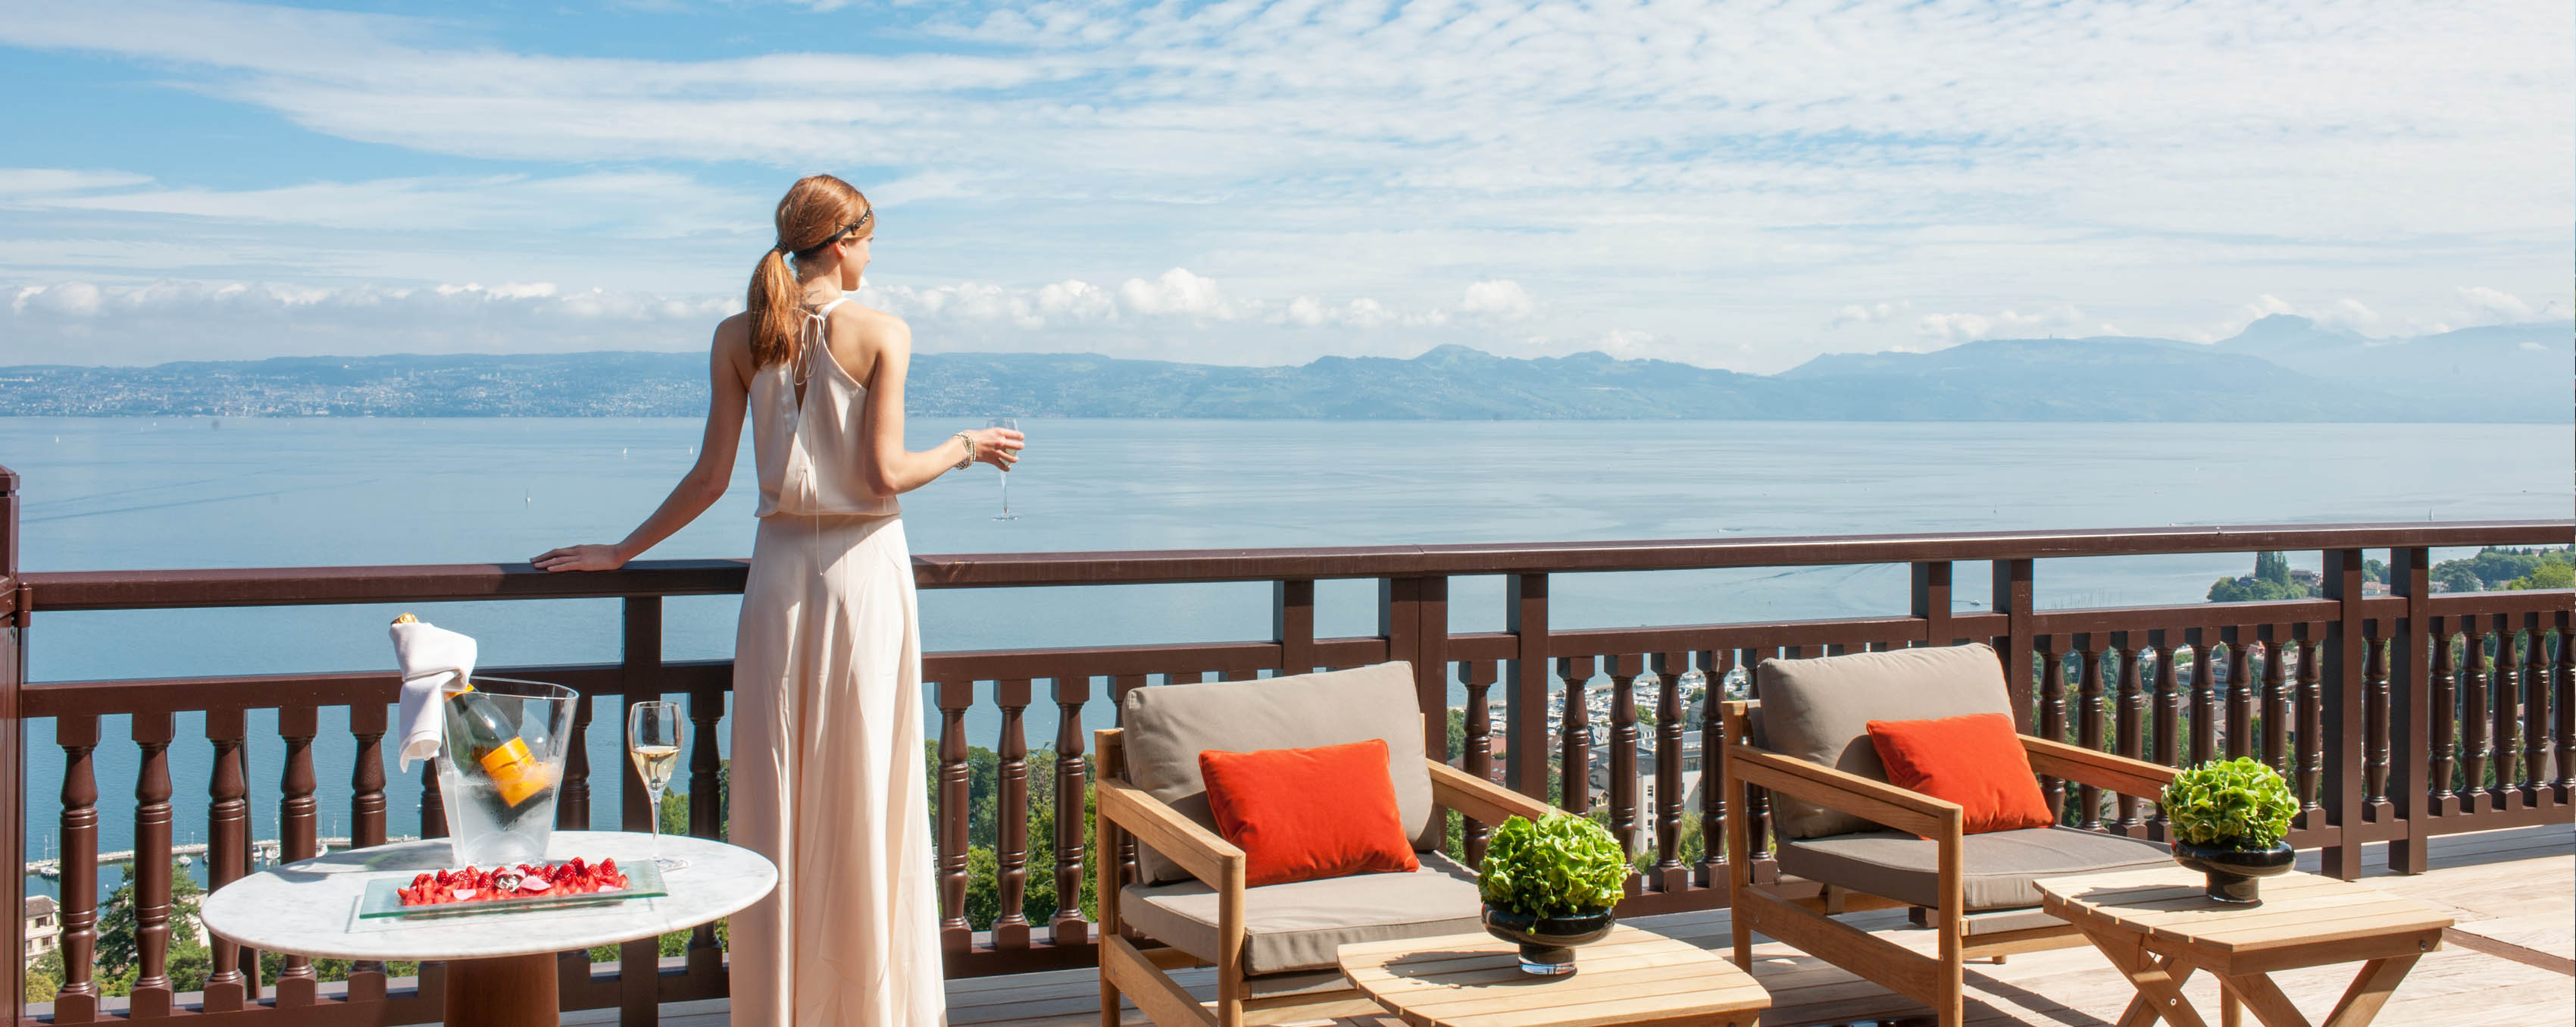 Biologique Recherche s'associe au Spa Evian Source de l'Hôtel Royal***** Palace de l'Evian Resort